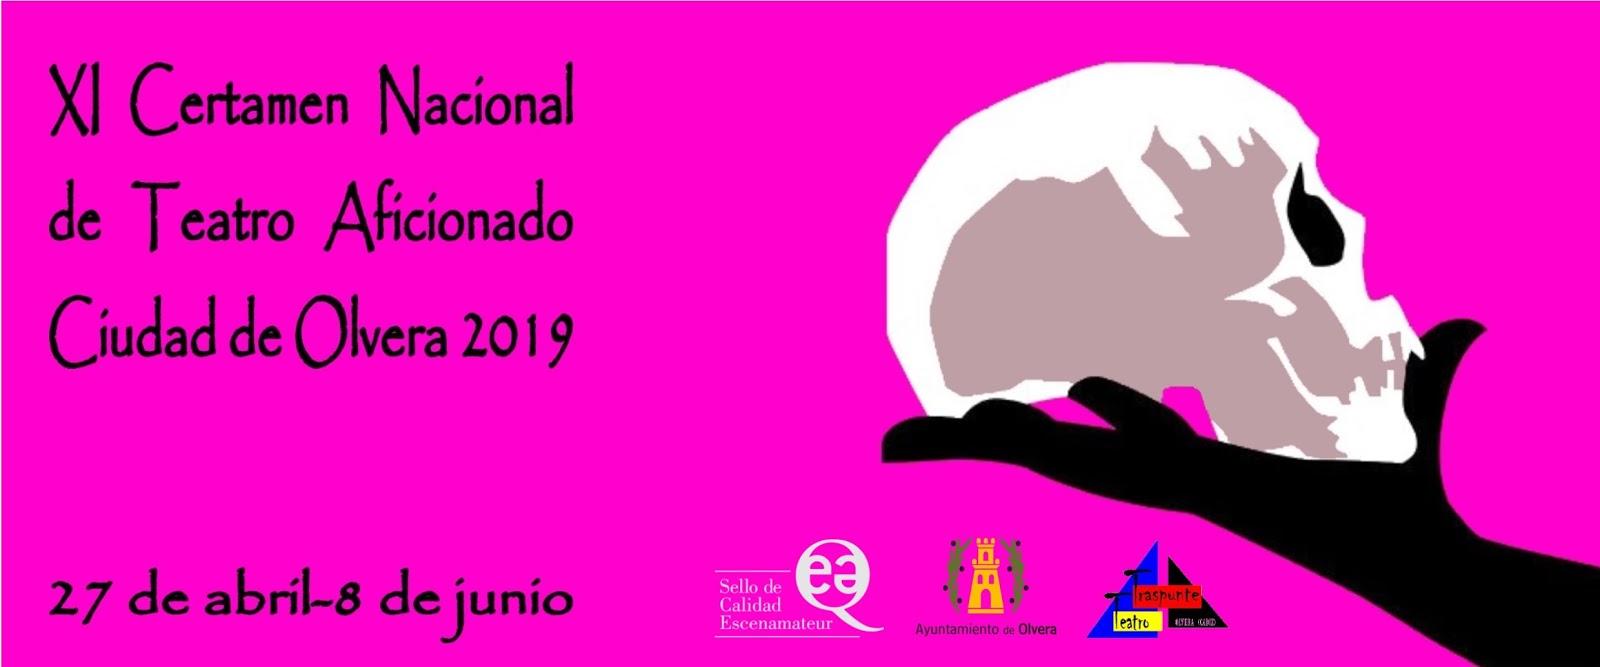 Inscripciones recibidas XI Certamen Nacional de Teatro Aficionado Ciudad de Olvera 2019